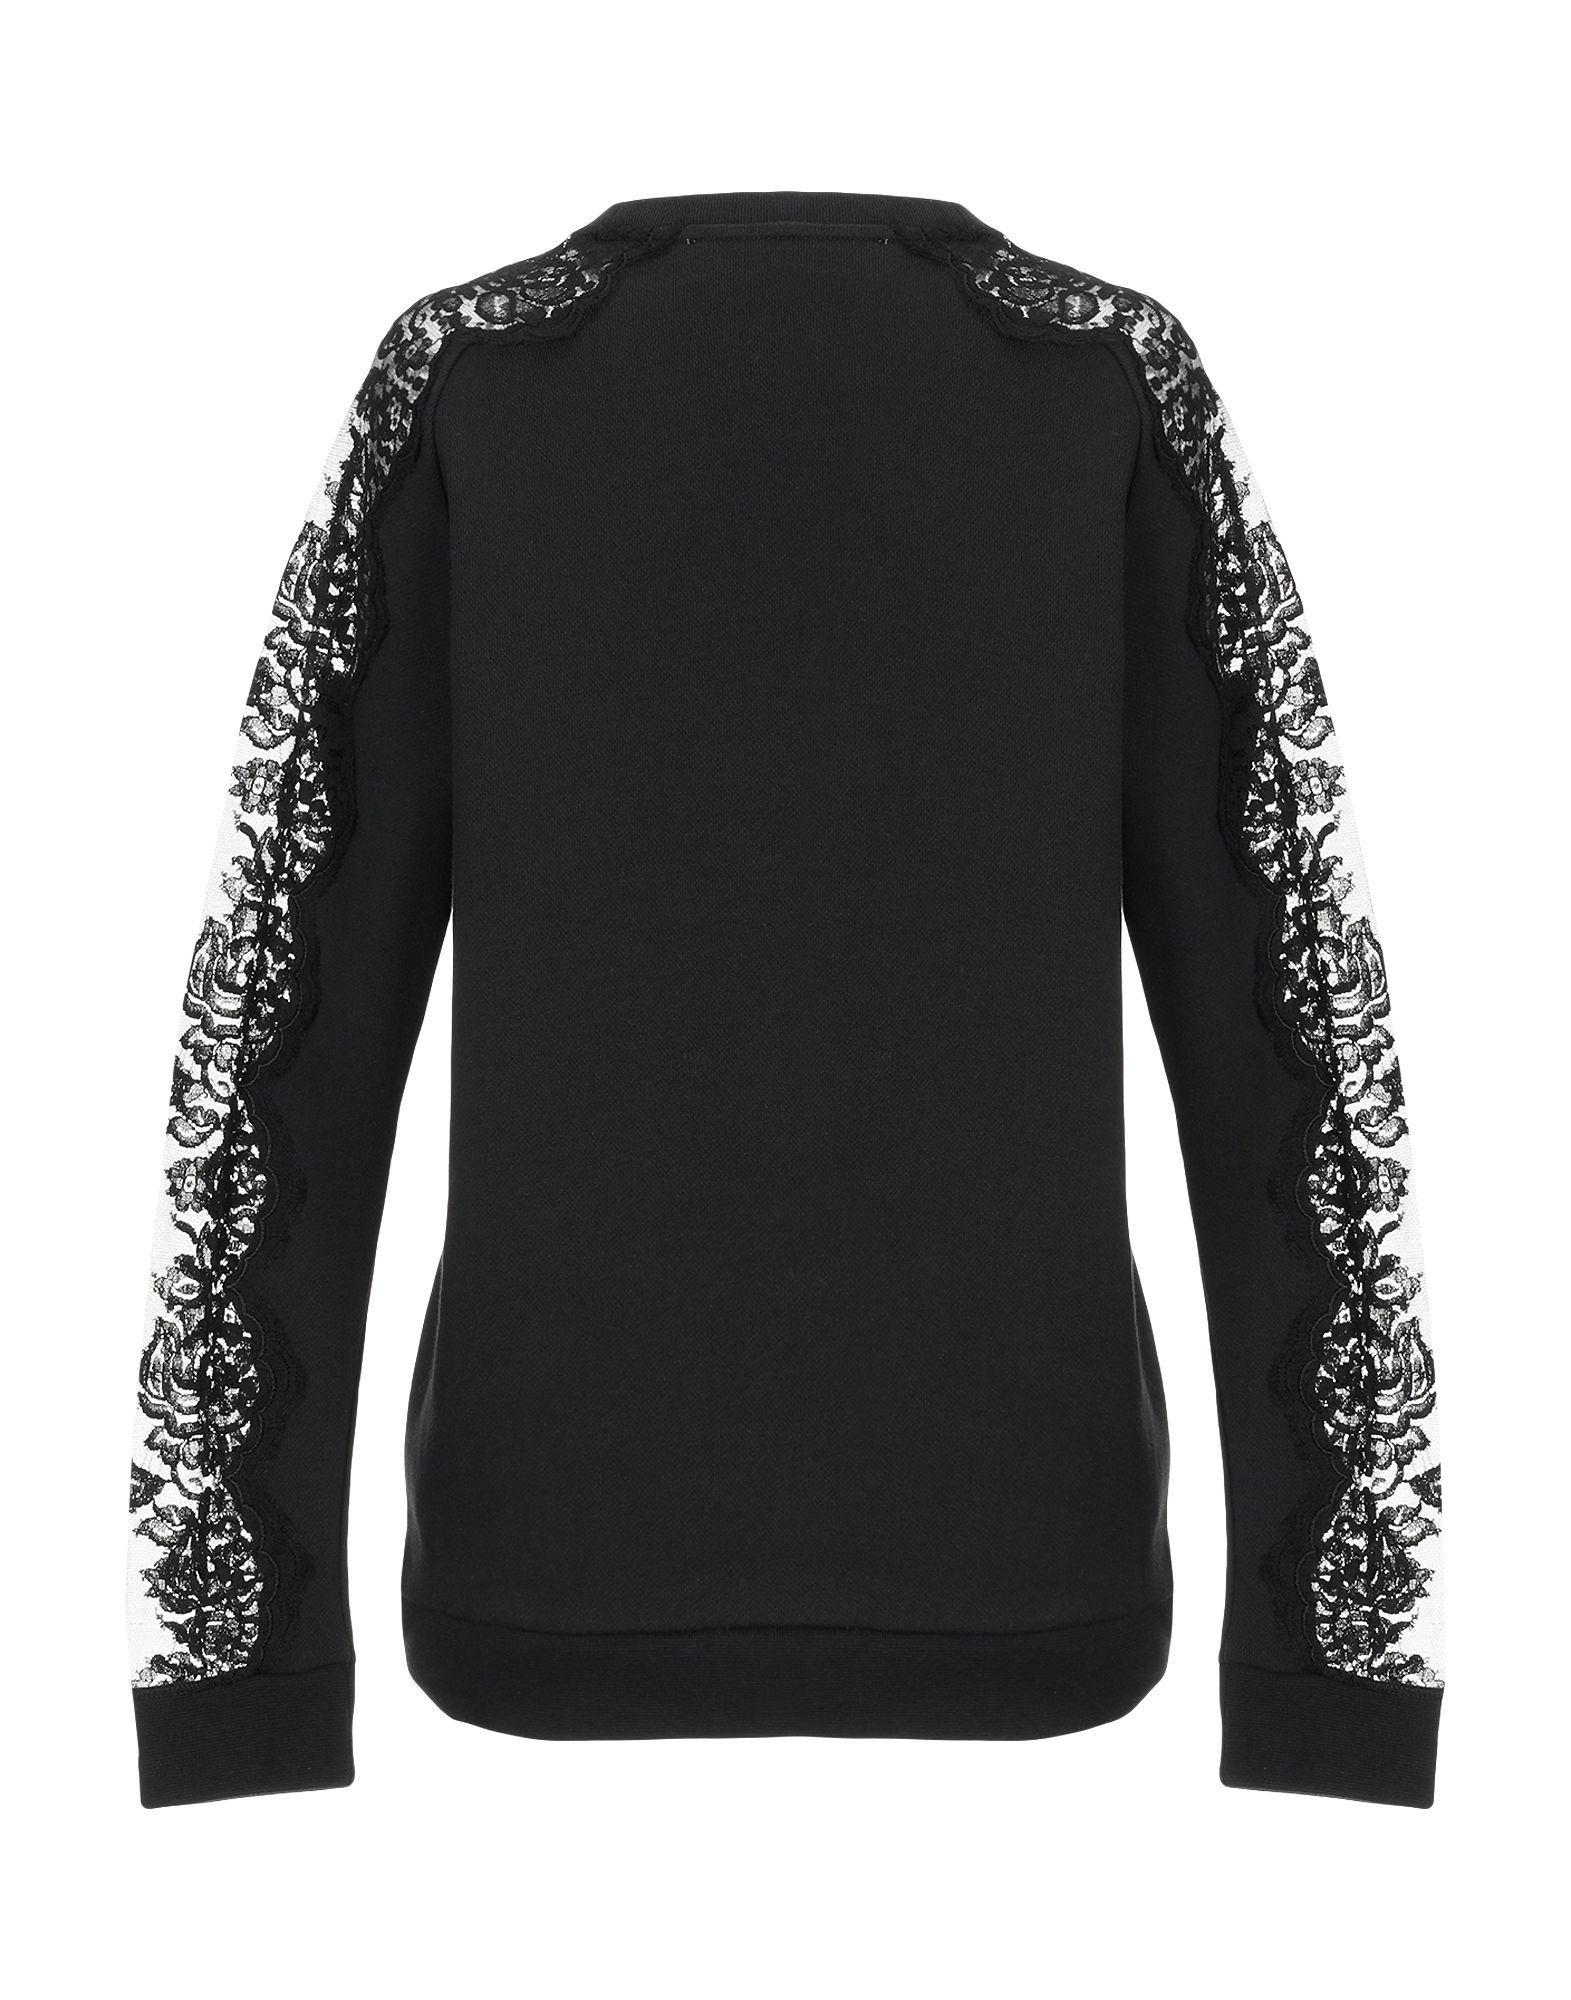 3fc5cfbf75 adidas By Stella McCartney Sweatshirt in Black - Save 37% - Lyst